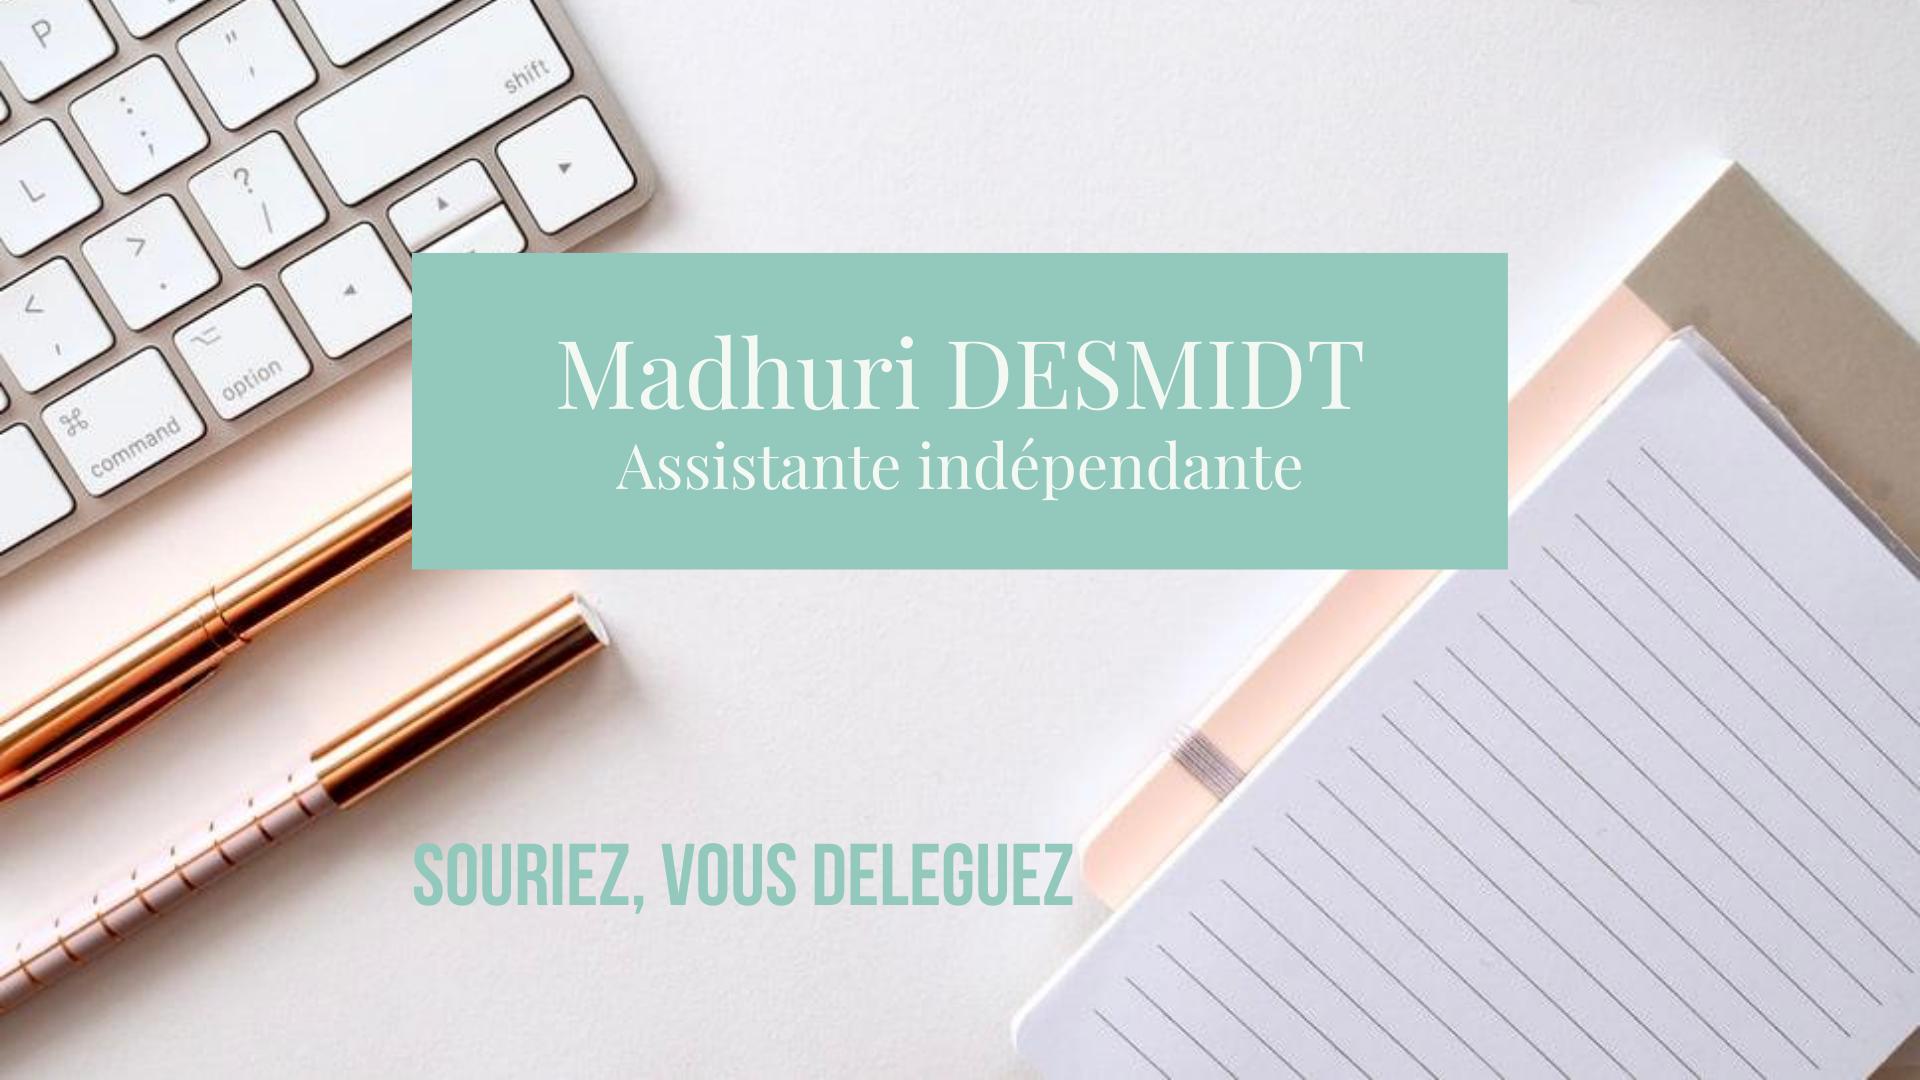 MADHURI DESMIDT